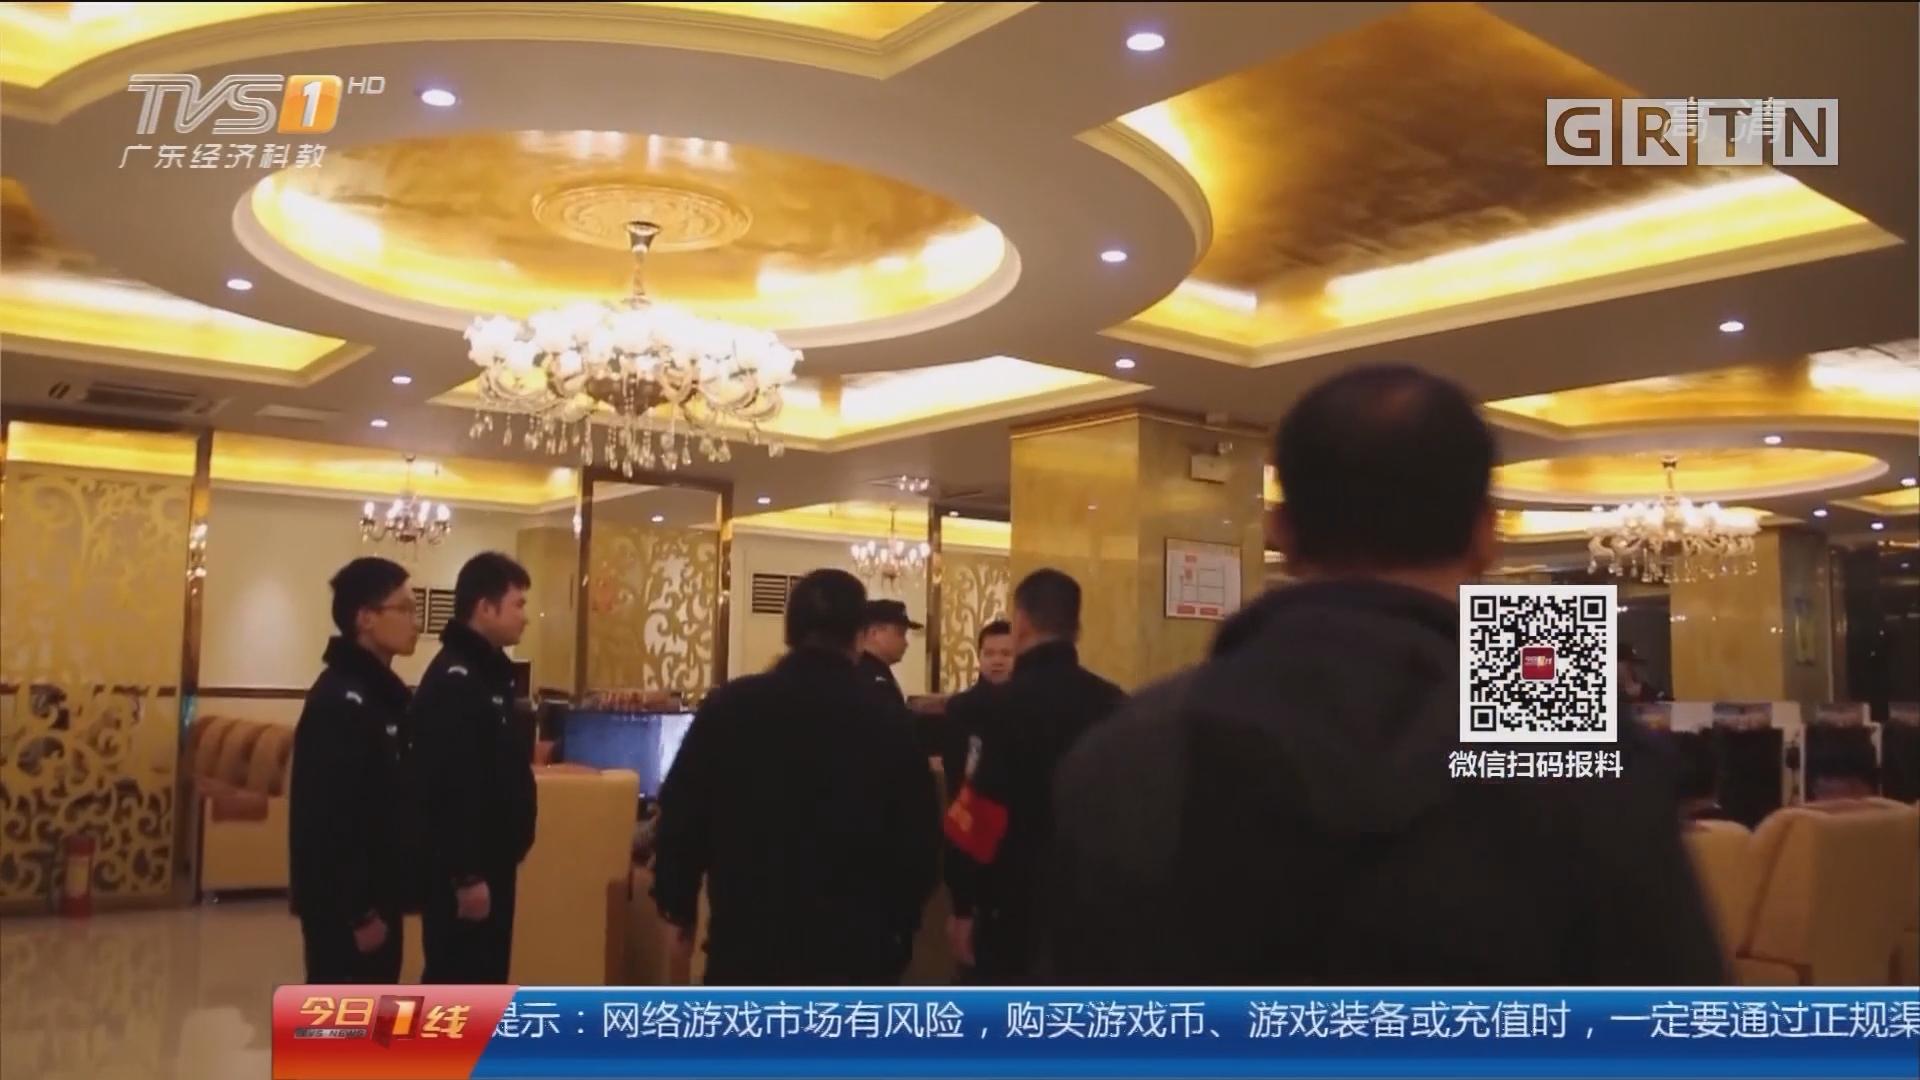 多家网吧涉违规经营追踪 惠州惠阳:节目播出后 副区长带队连夜查网吧